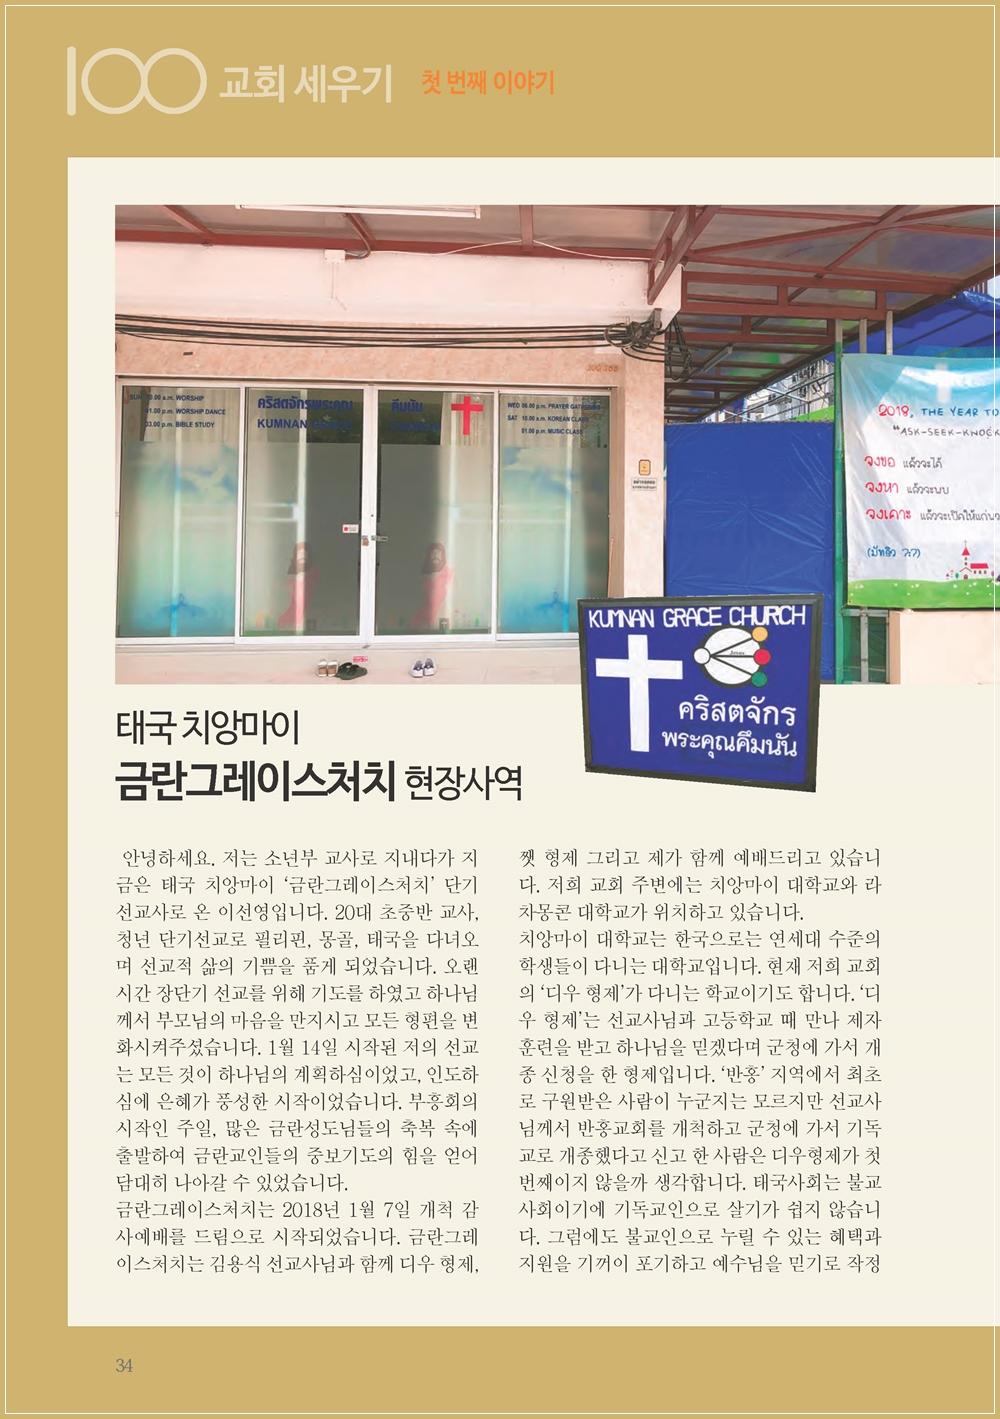 19-선교소식지1호36.jpg